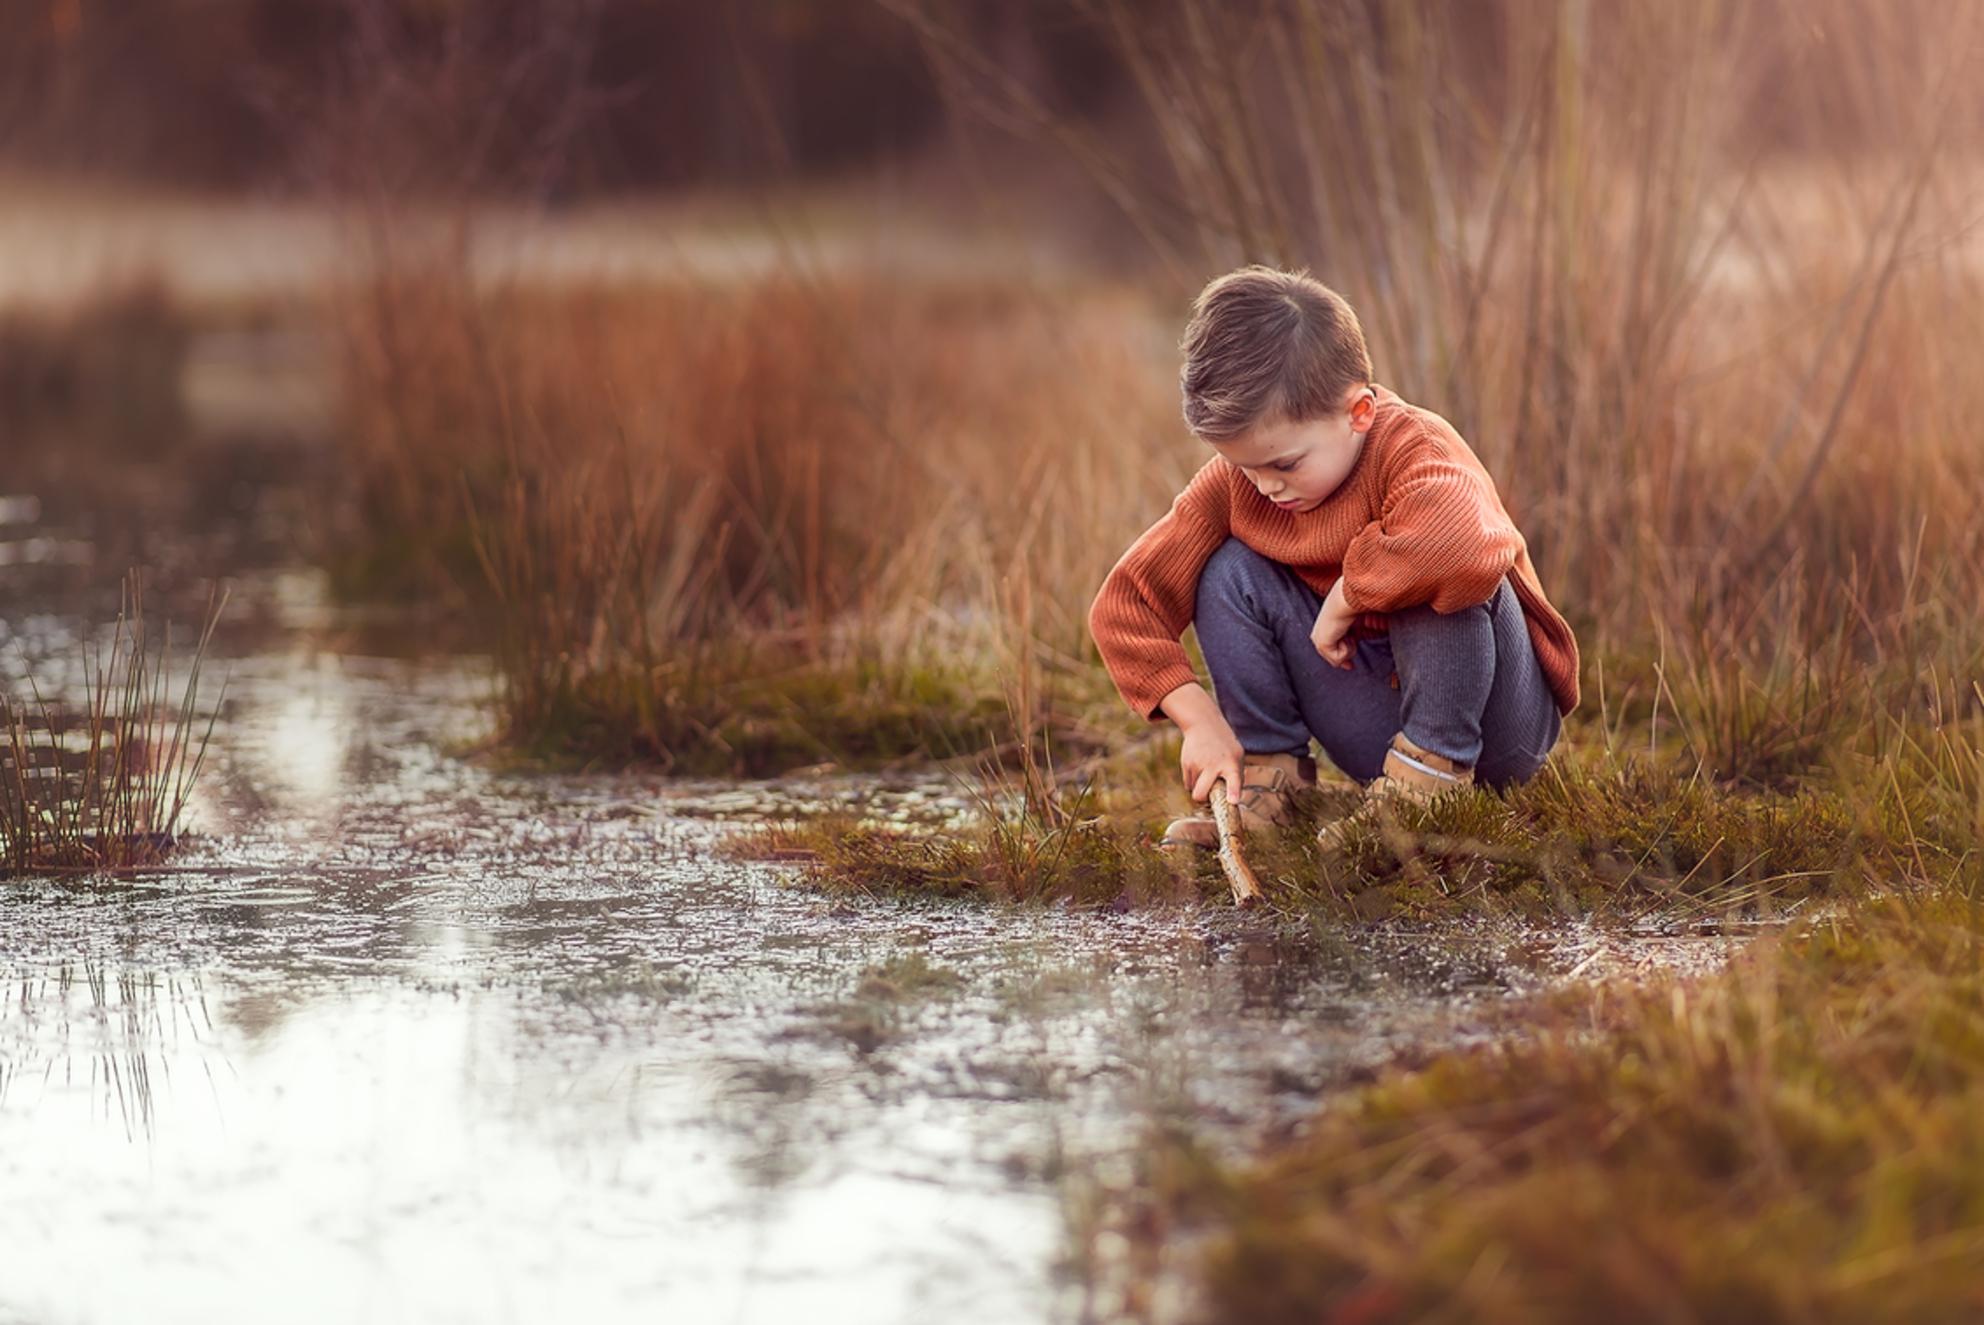 Jonah - Een beeld van m'n zoontje van 5 tijdens een onbewaakt moment. Zoals je ze het liefste ziet, wegdromend in de natuur! - foto door MajelPieterse op 26-02-2021 - deze foto bevat: mensen, donker, licht, zonsondergang, portret, liefde, tegenlicht, daglicht, kind, kinderen, jongen, lief, emotie, photoshop, warm, fotoshoot, 85mm, goudenuurtje - Deze foto mag gebruikt worden in een Zoom.nl publicatie